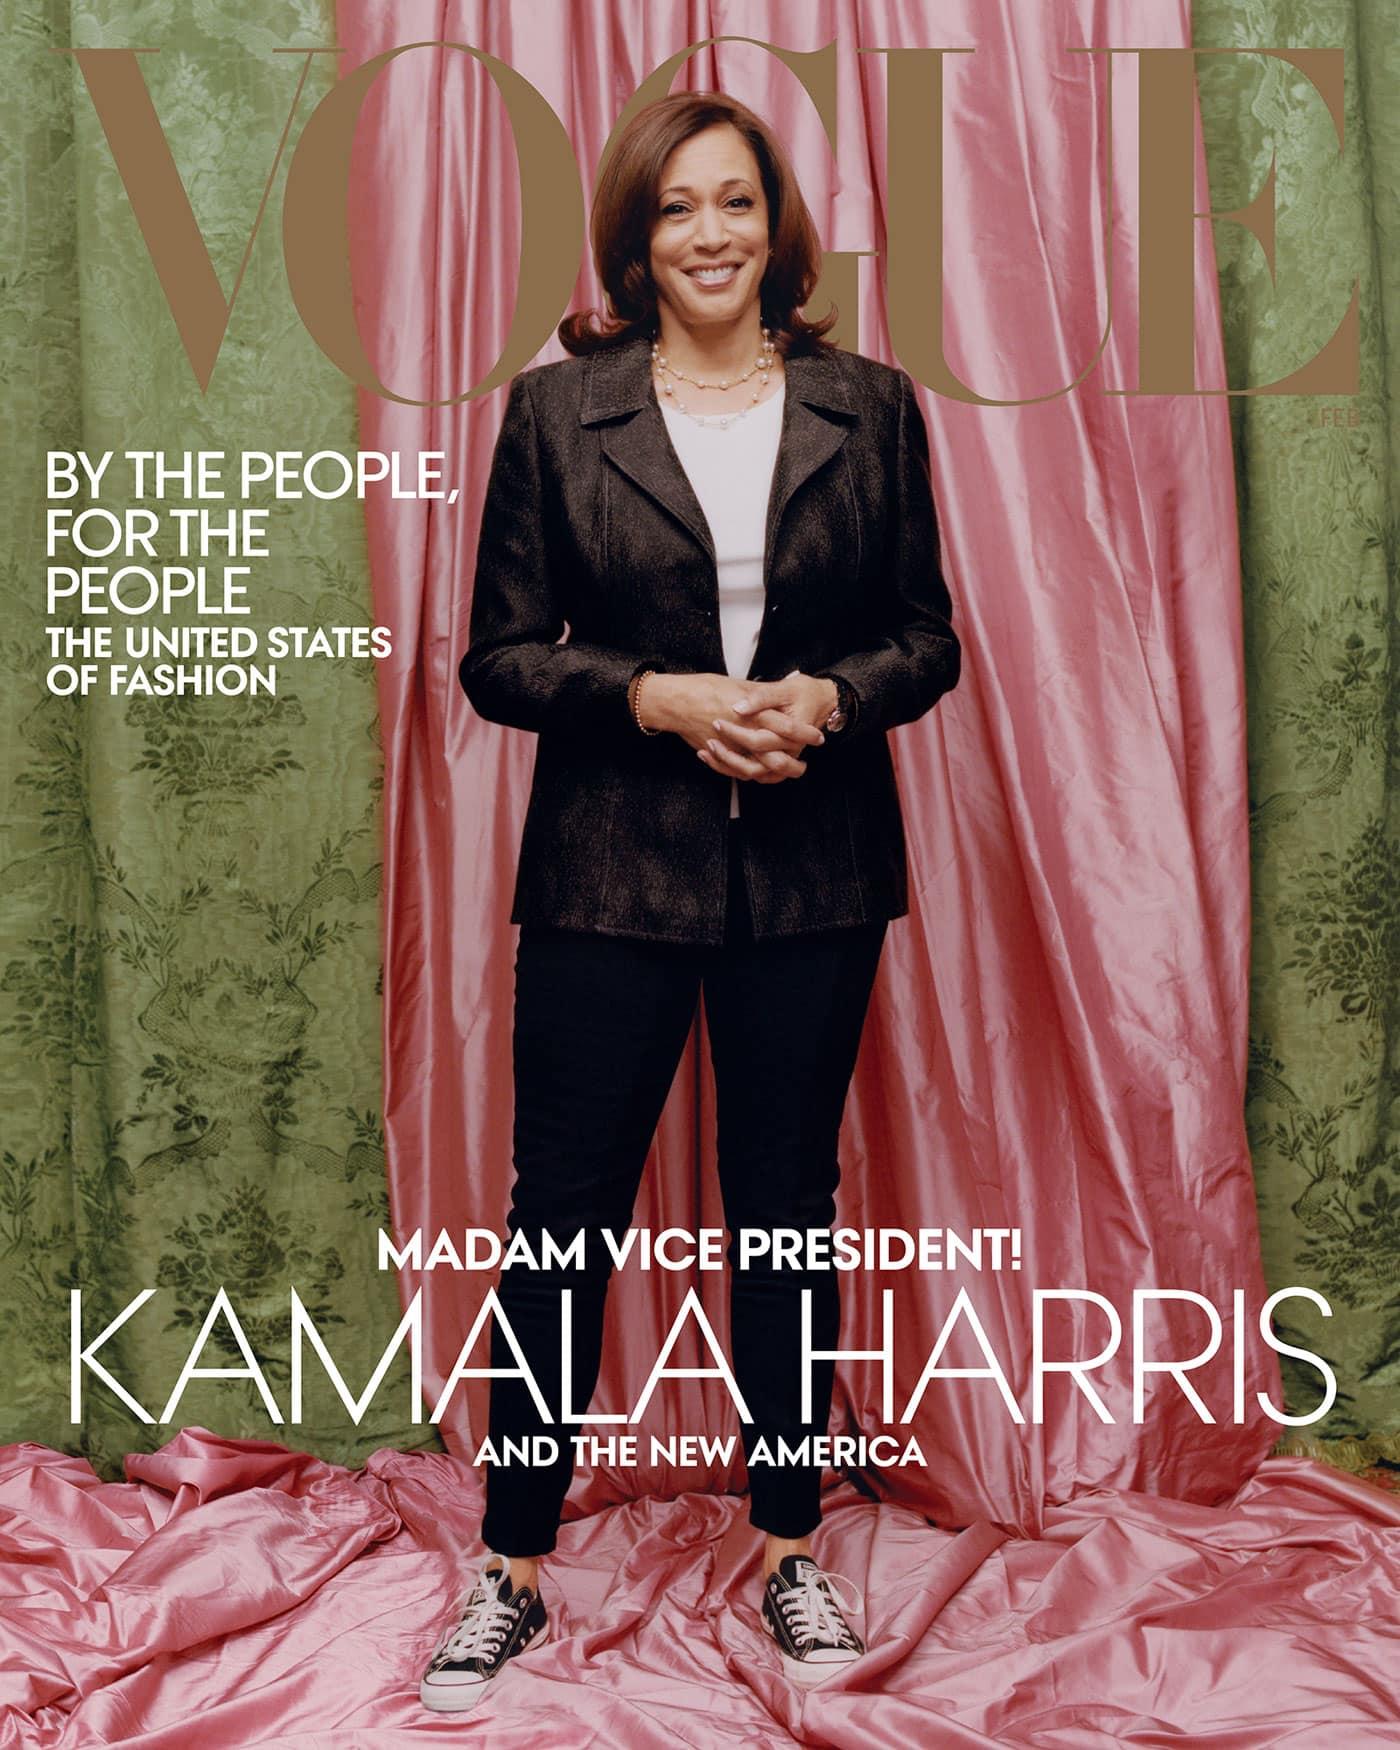 Kamala Harris auf dem Cover der US-amerikanischen VOGUE // HIMBEER